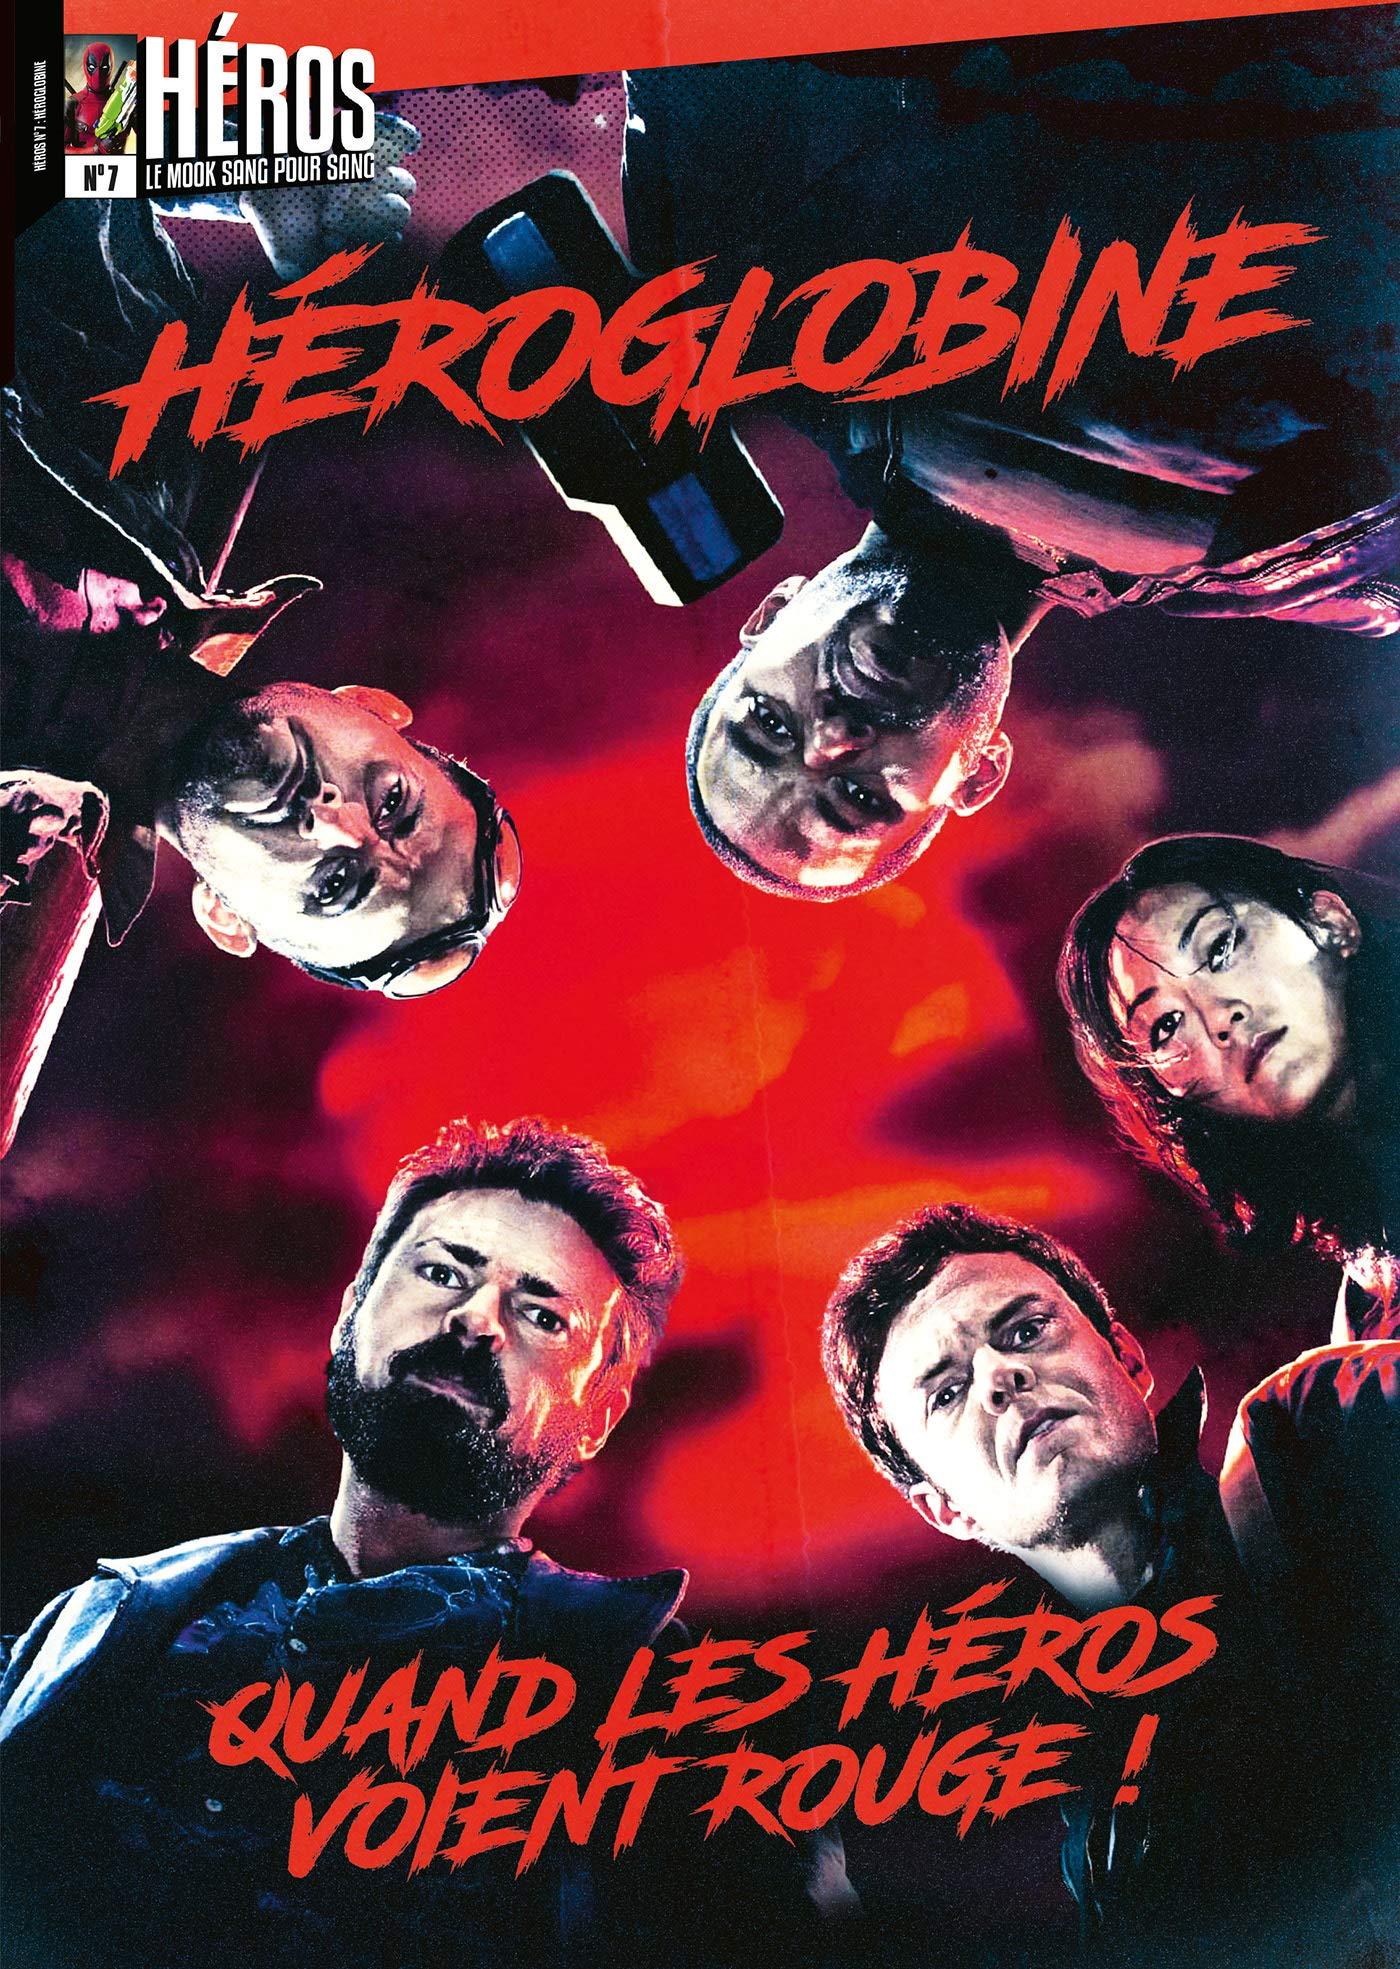 Héros 7 - Héroglobine : Quand les héros voient rouge !